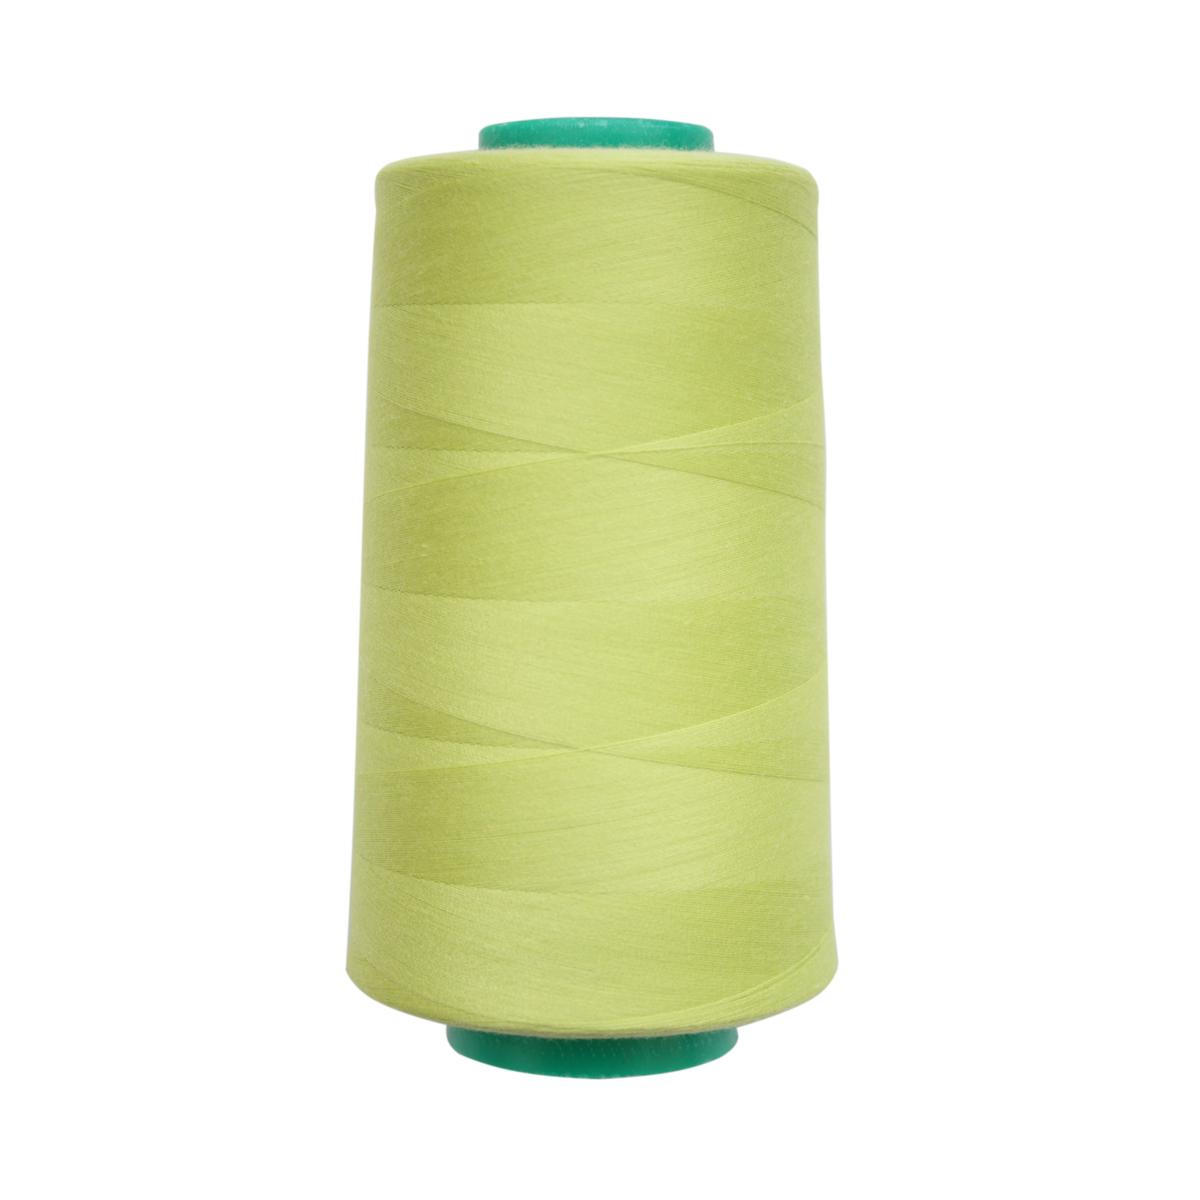 Нитки для шитья Bestex 50/2, 5000 ярд, цвет: ярко-желто-зеленый (129)7700936-129Сфера использования: трикотаж; ткани малого веса; оверлочные швы; отделка краев; вышивка. Размер игл №70-80